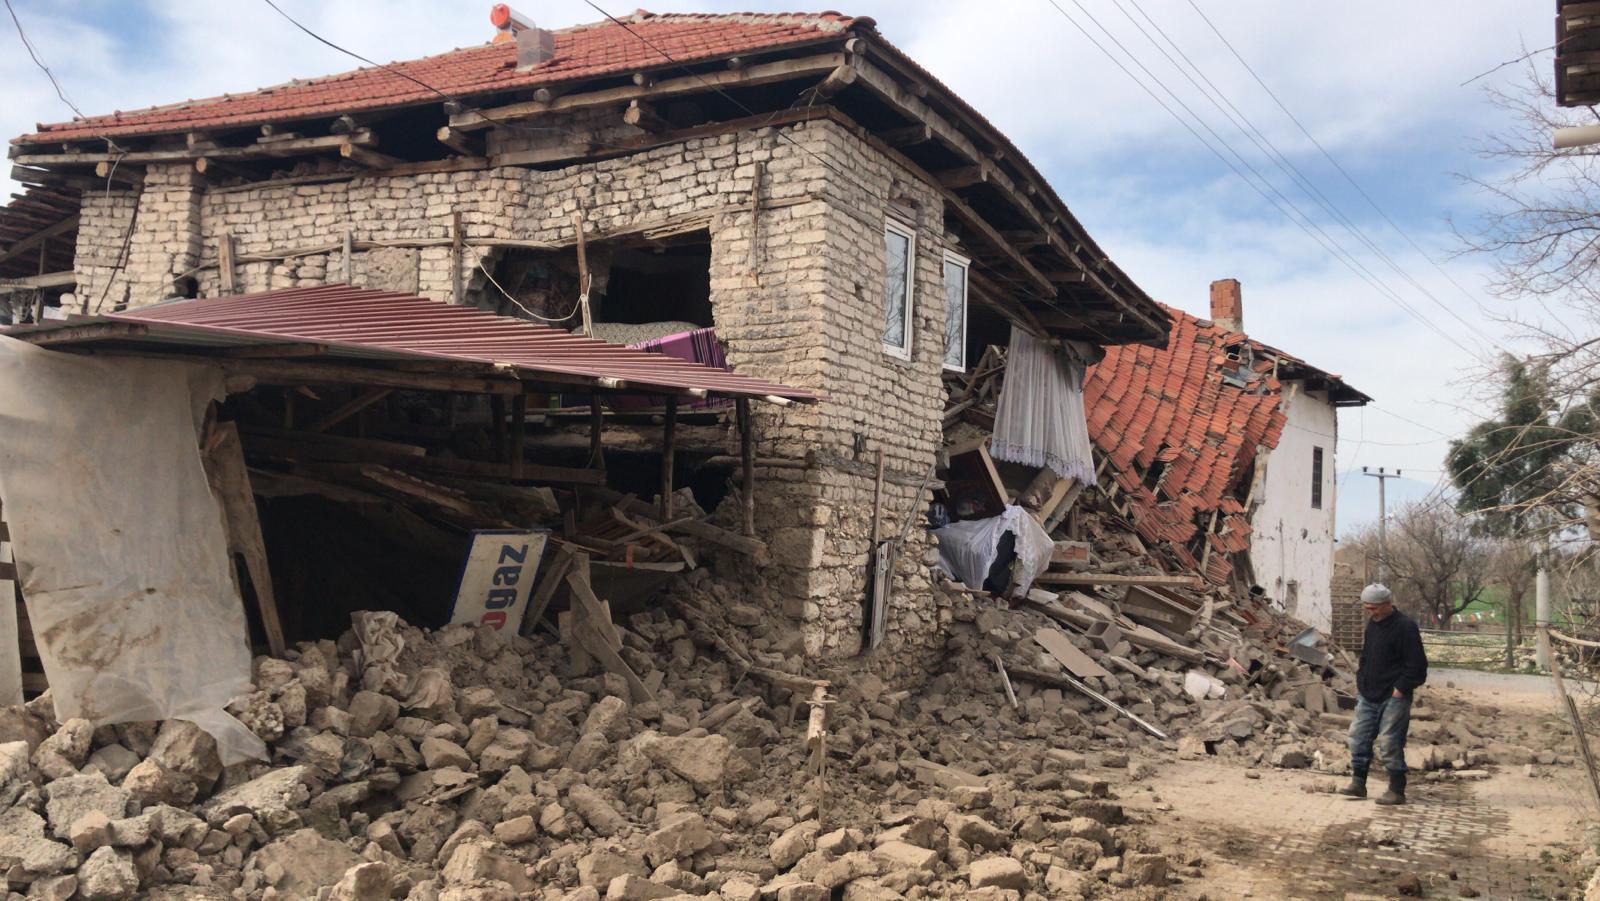 İzmir'deki depremin ardından Denizli'de 6 şiddetinde deprem